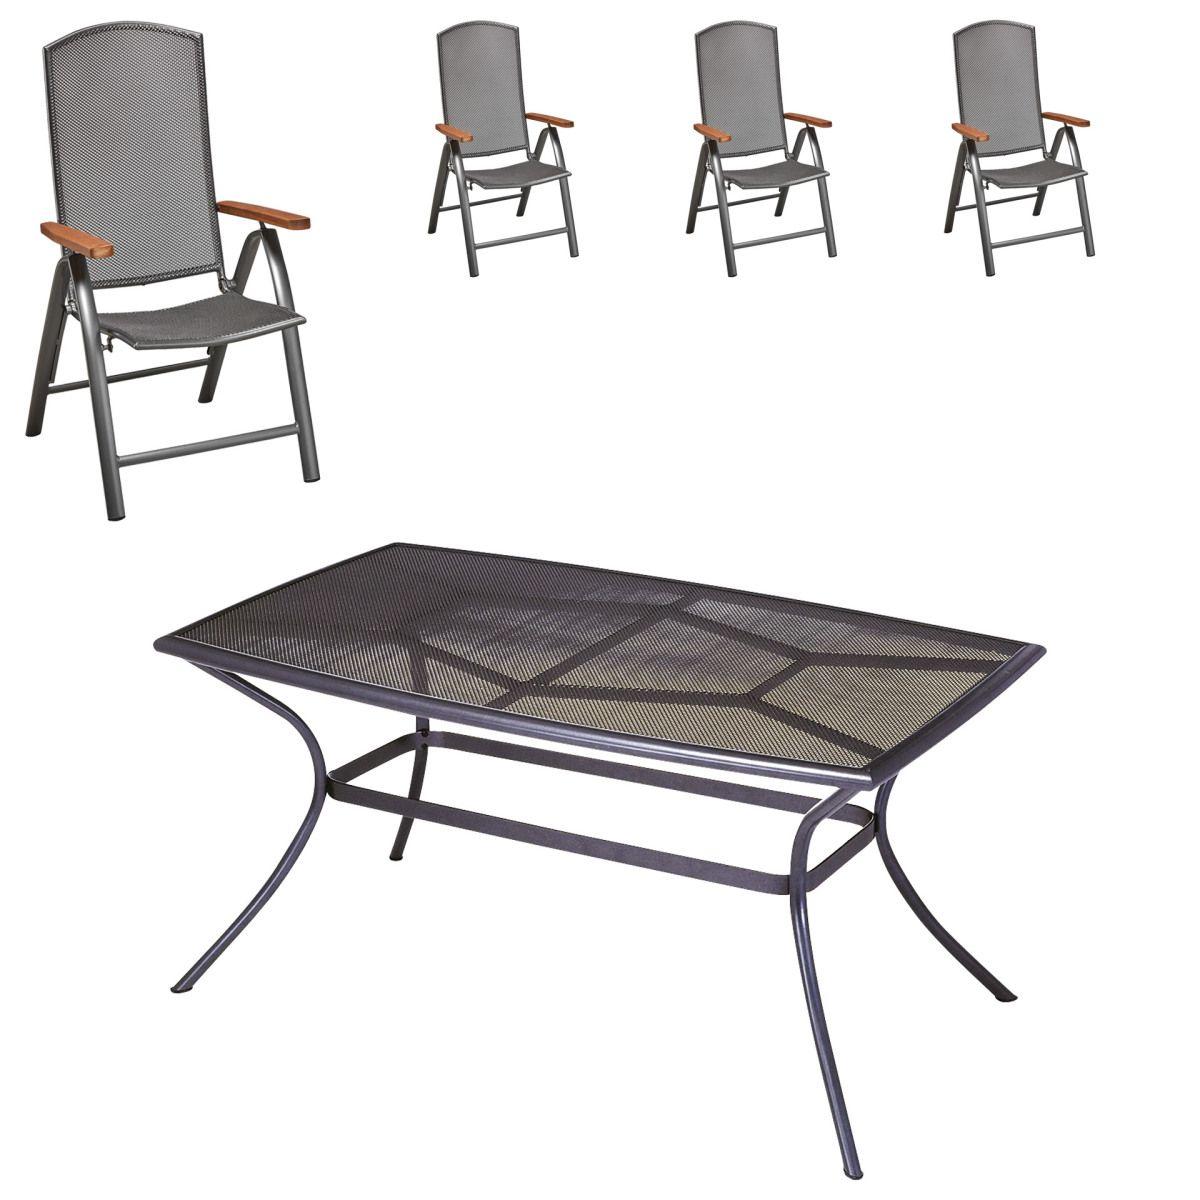 Gartenmöbel-Set Vega/Venus (90x150, 4 Stühle) Jetzt bestellen unter ...